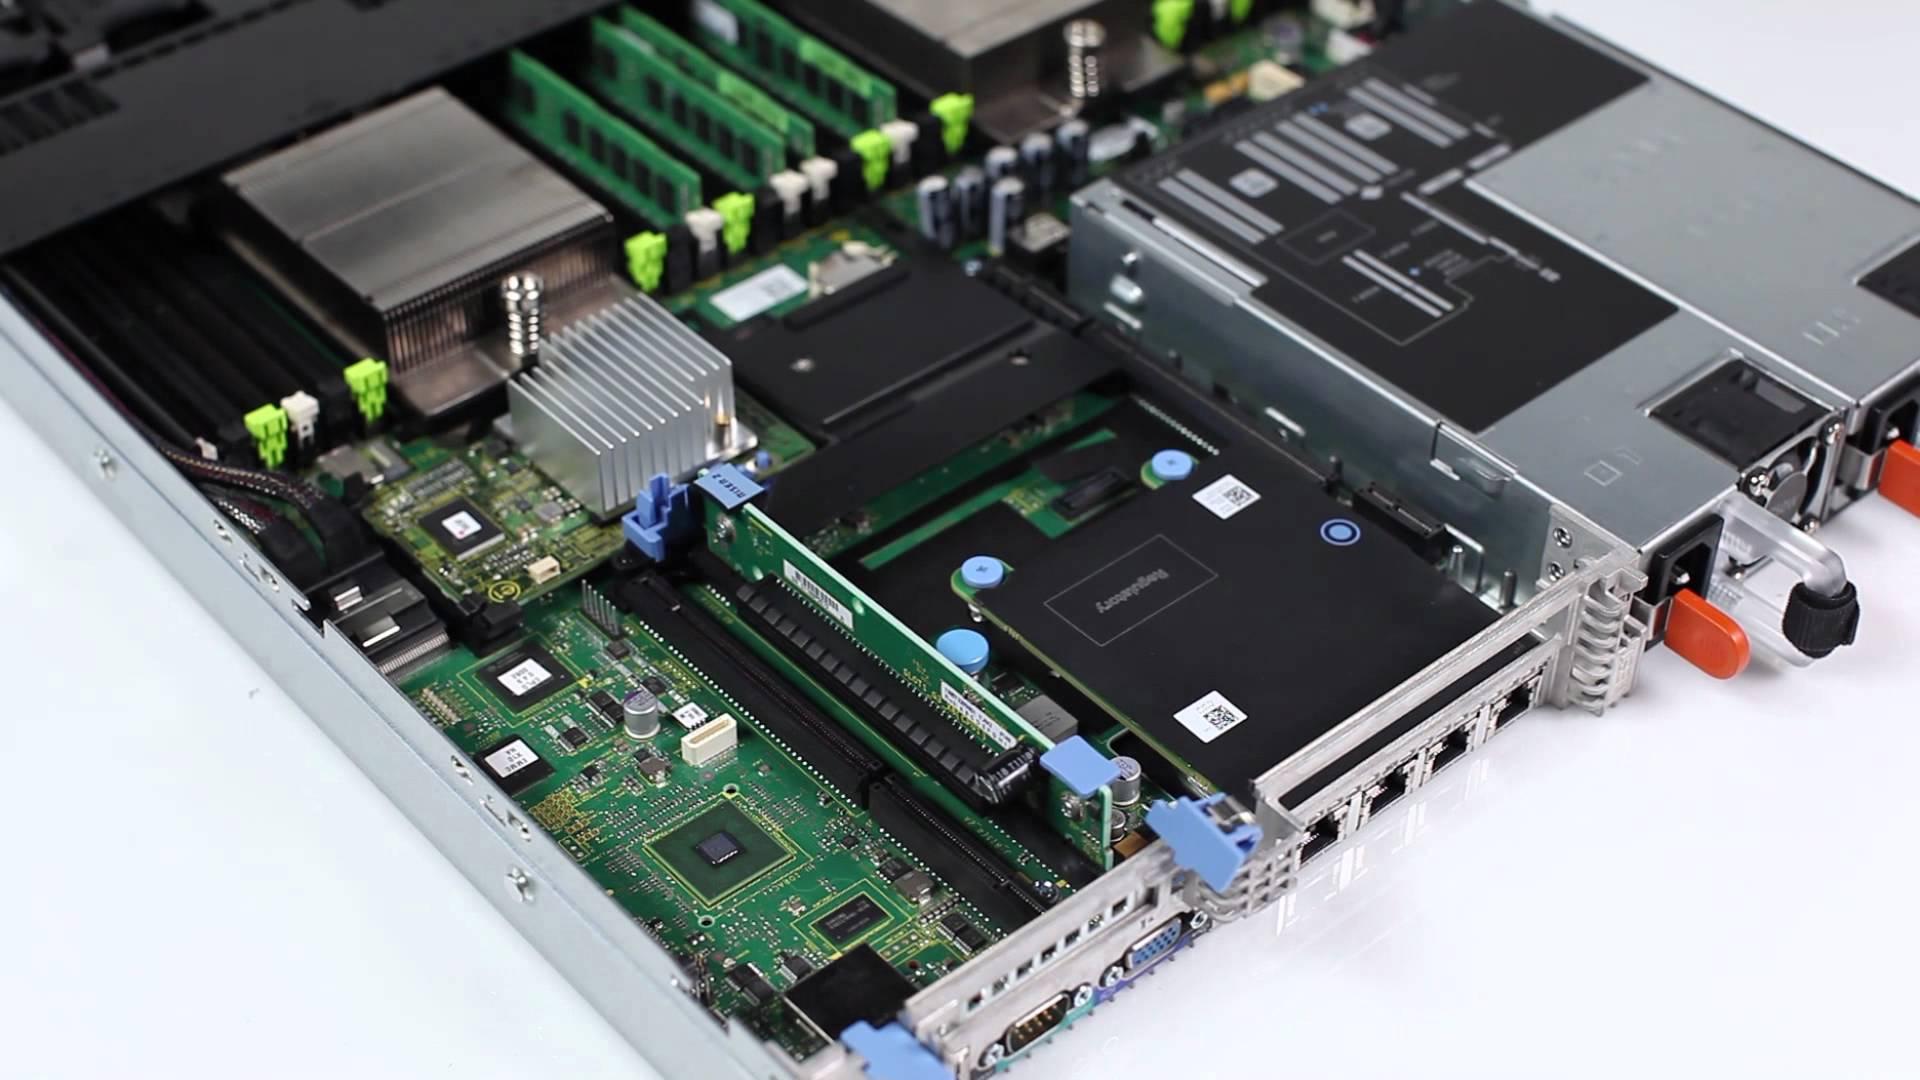 DELL PowerEdge R620 2xE5-2650 v2 Xeon 8-Core 2 6GHz 96GB RAM 4x300GB SAS  RAID